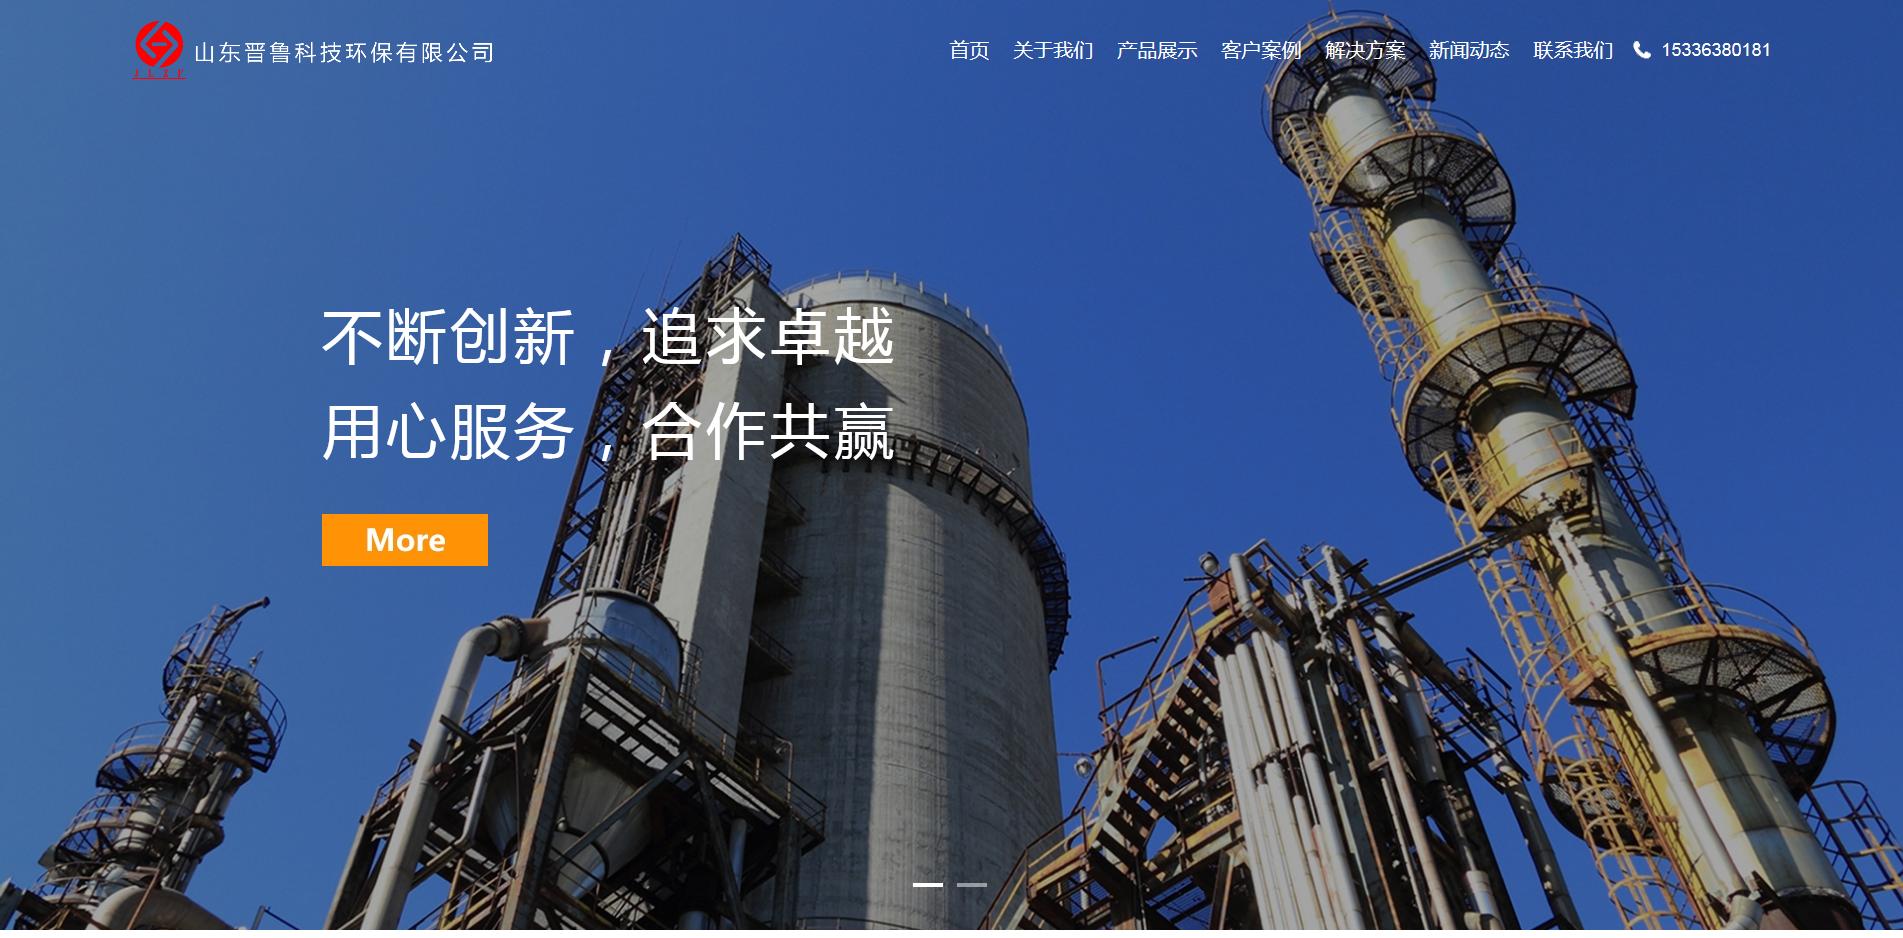 山东晋鲁环保科技有限公司